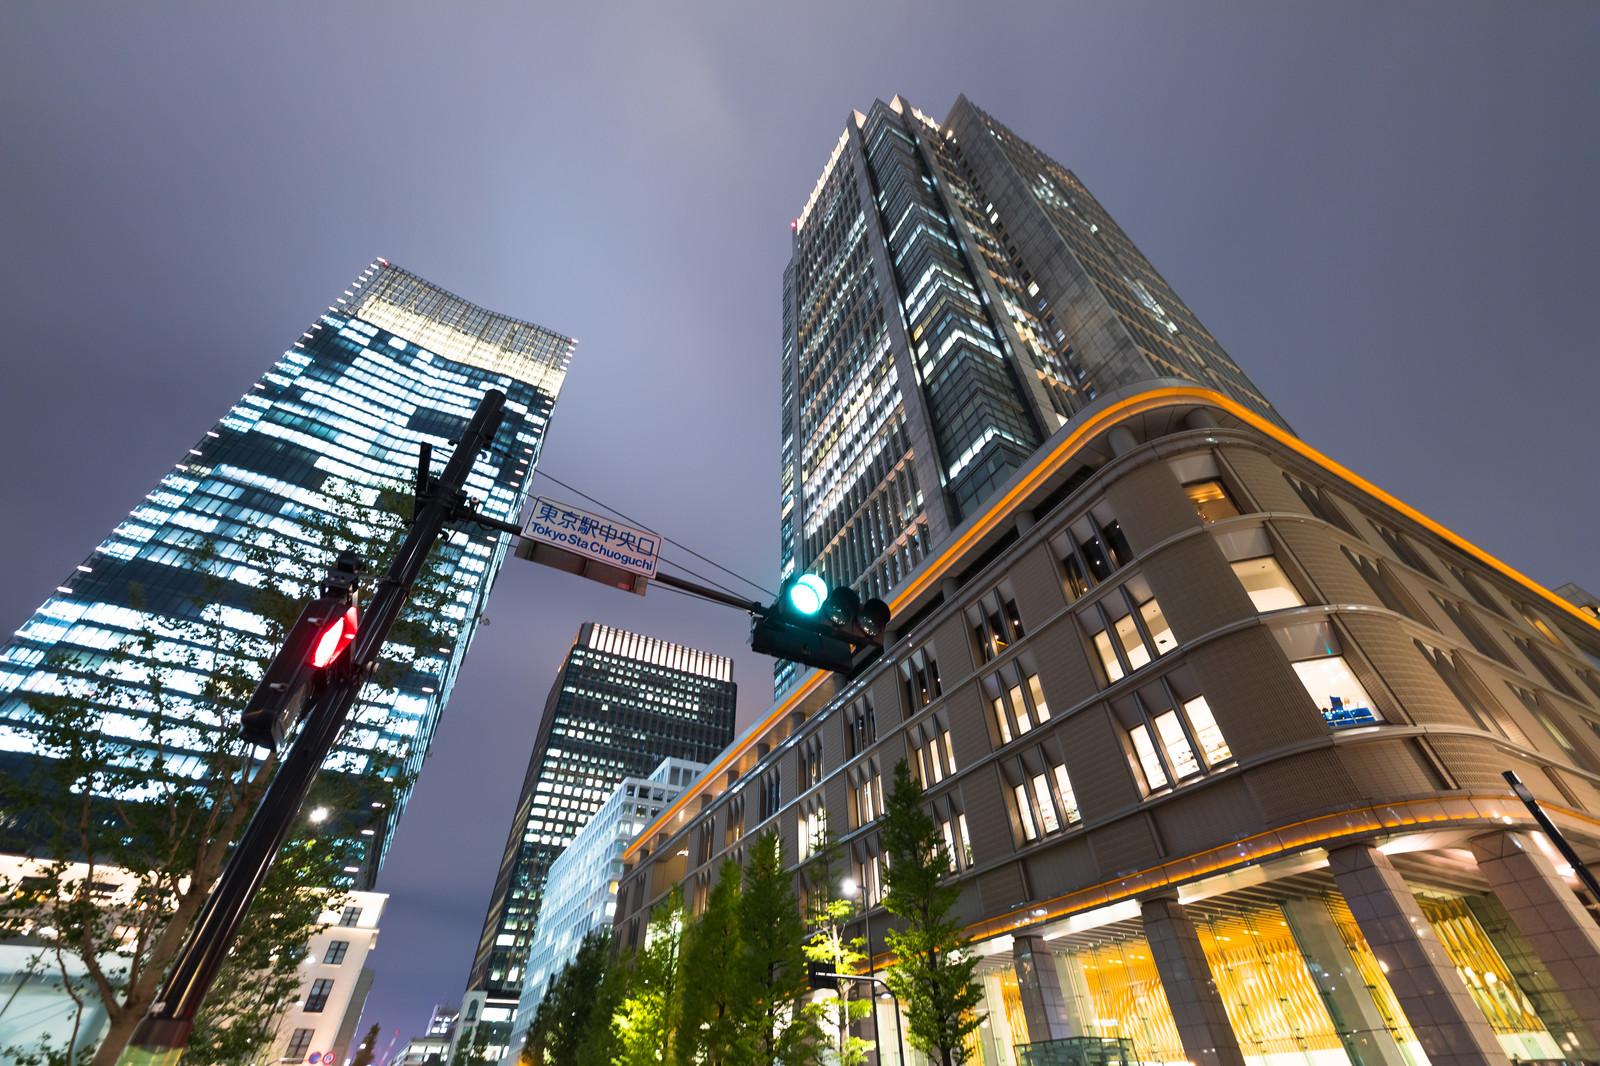 東京で絶品焼肉ランチを食べよう!安い&美味しいおしゃれな店もあり!